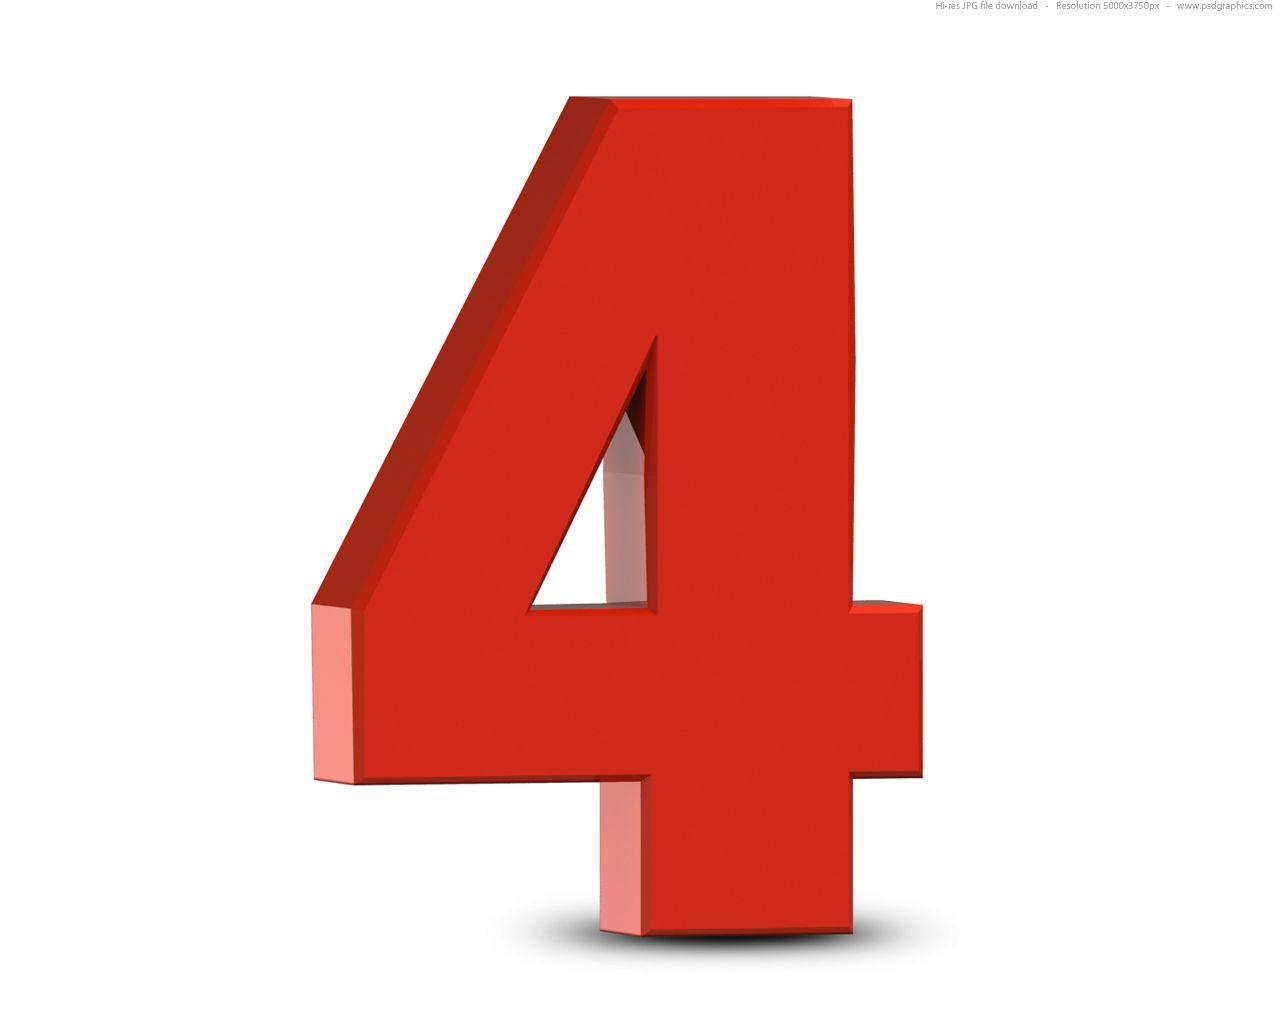 Numbers Clip Art | Keywords: 0, 1, 2, 3, 4, 5, 6, 7, 8, 9 ...